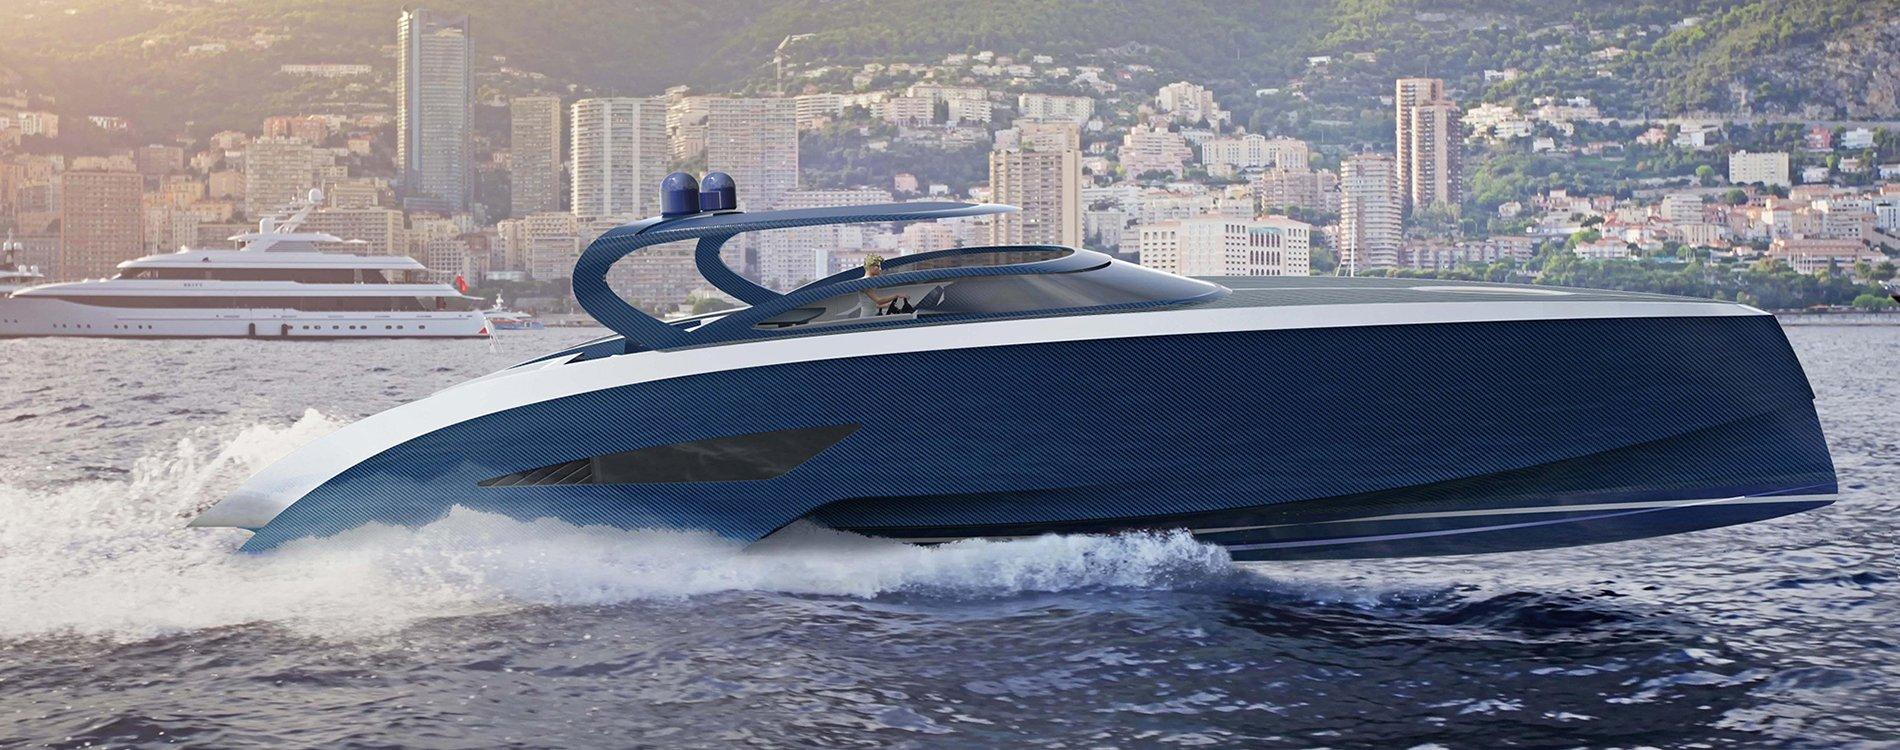 Niniette, un nuevo yate de lujo de Bugatti en colaboración con Palmer Johnson